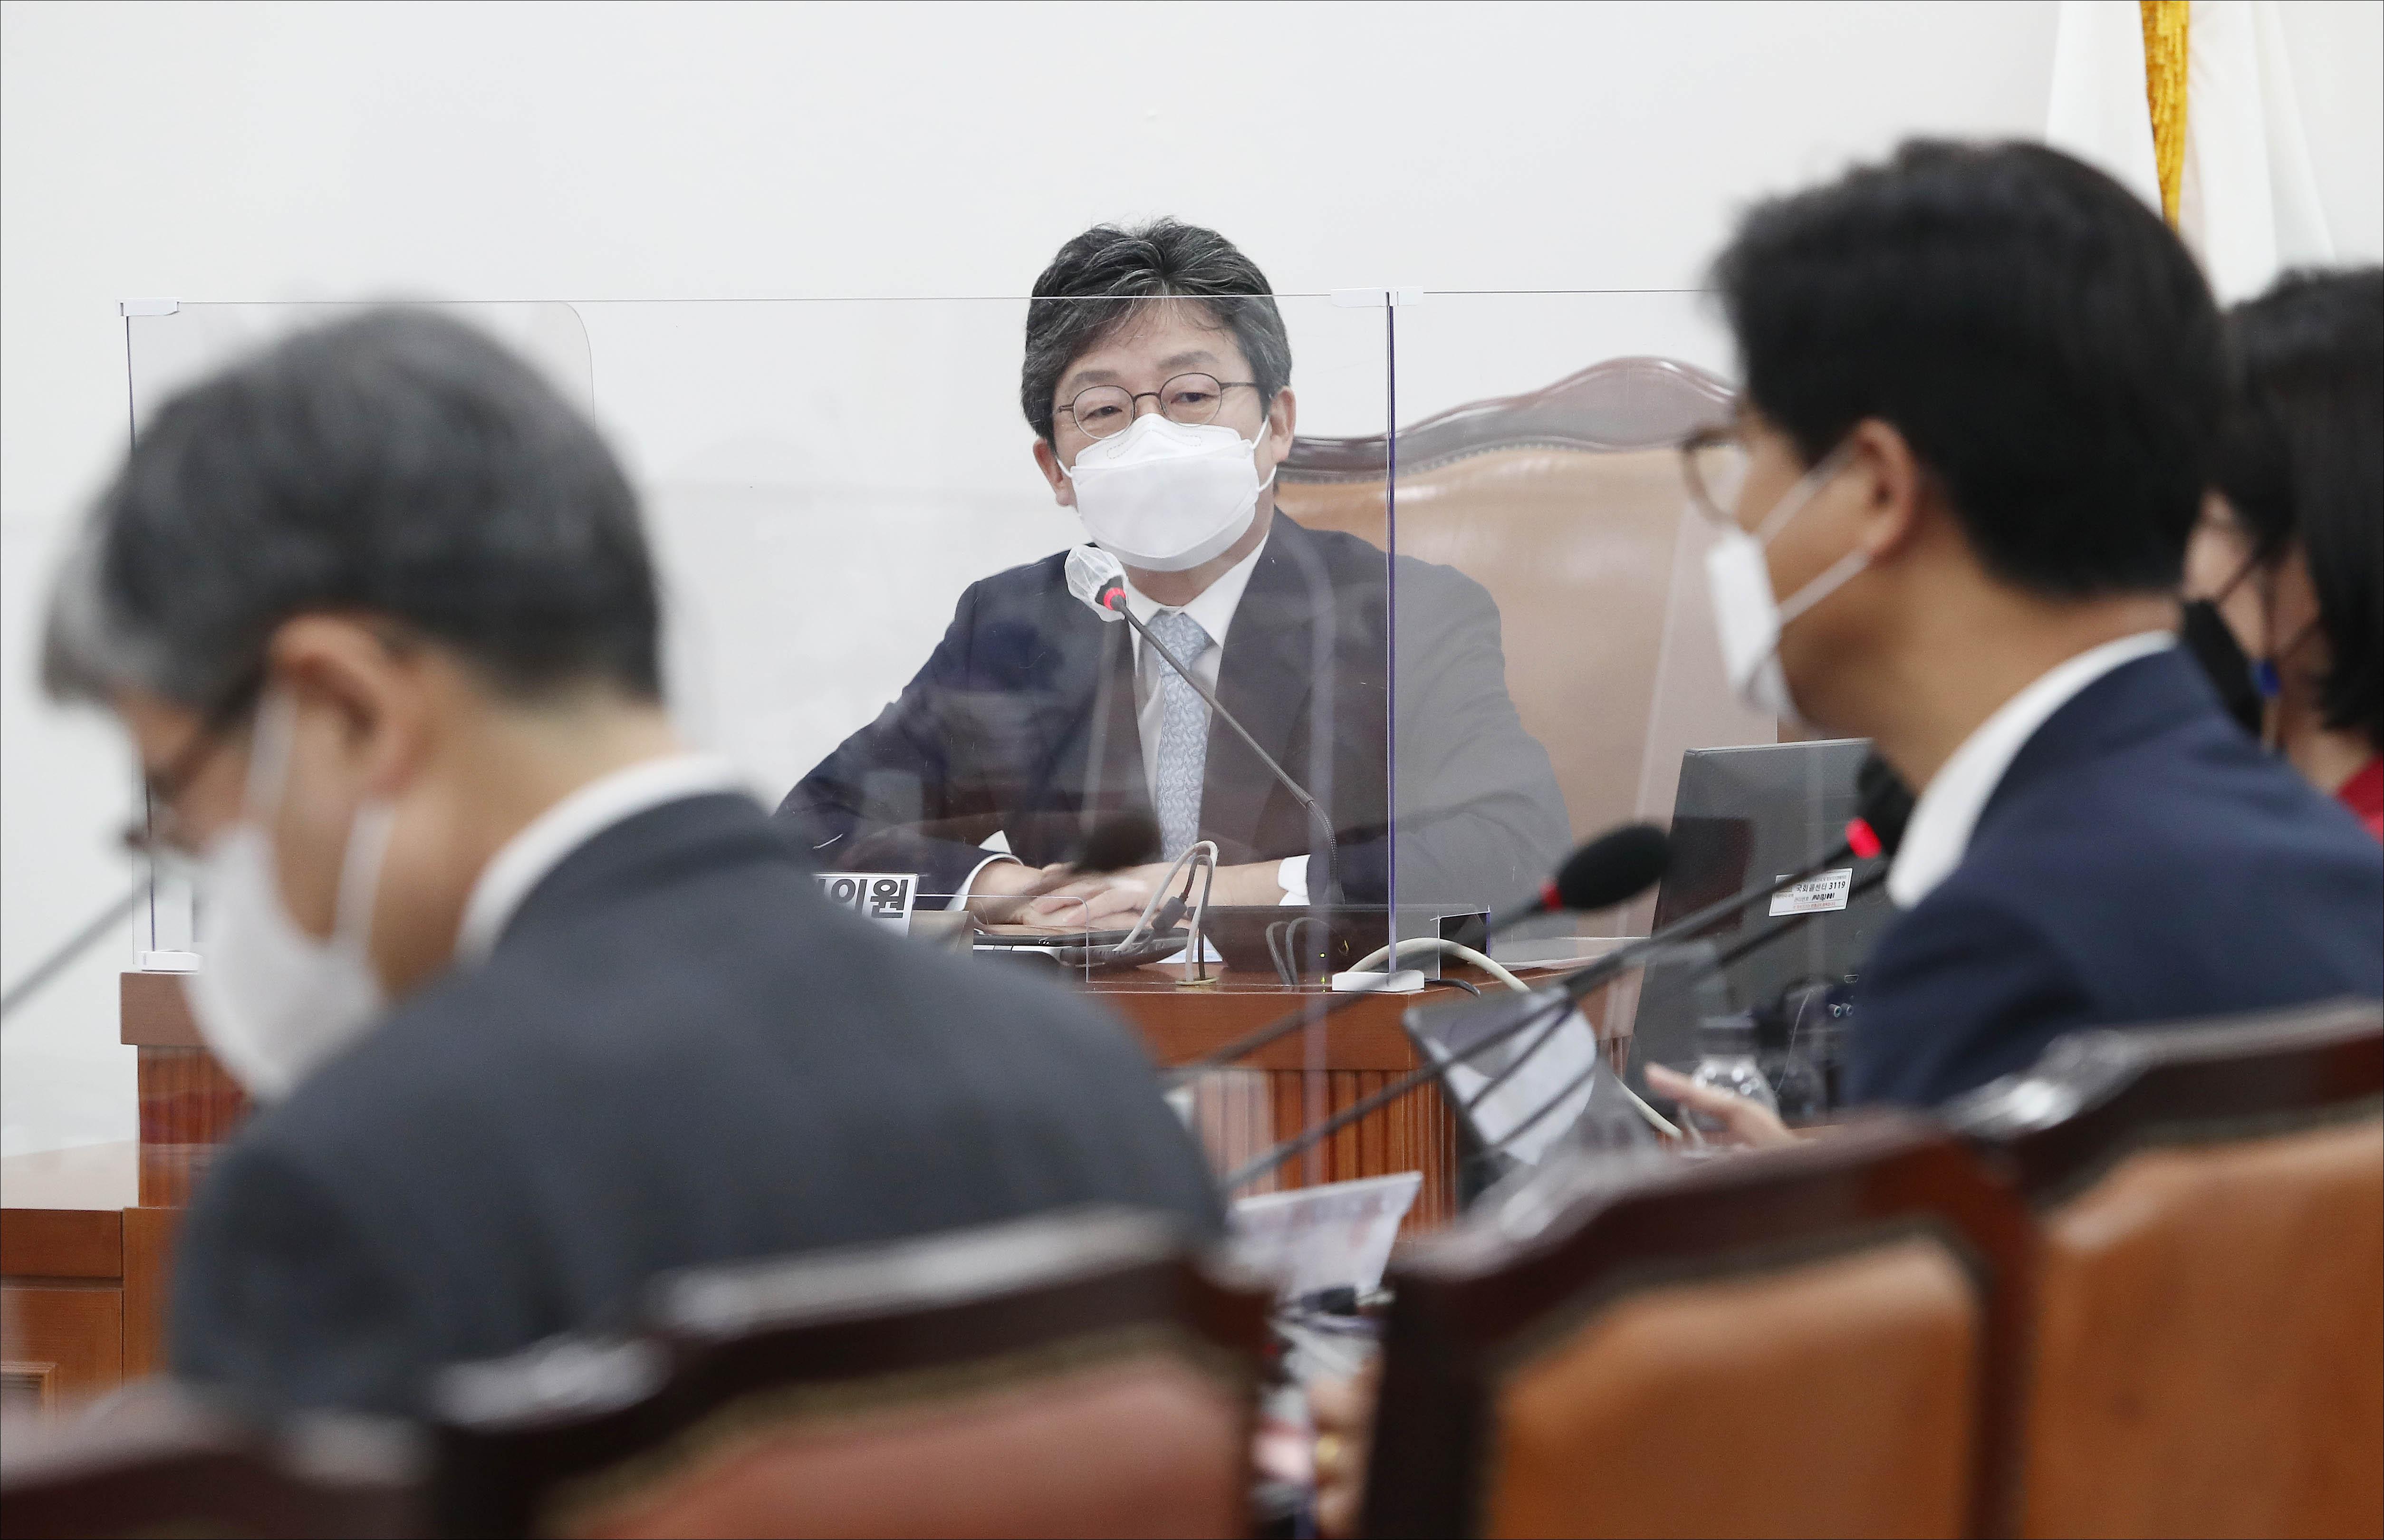 '명불허전 보수다' 강연 나선 유승민